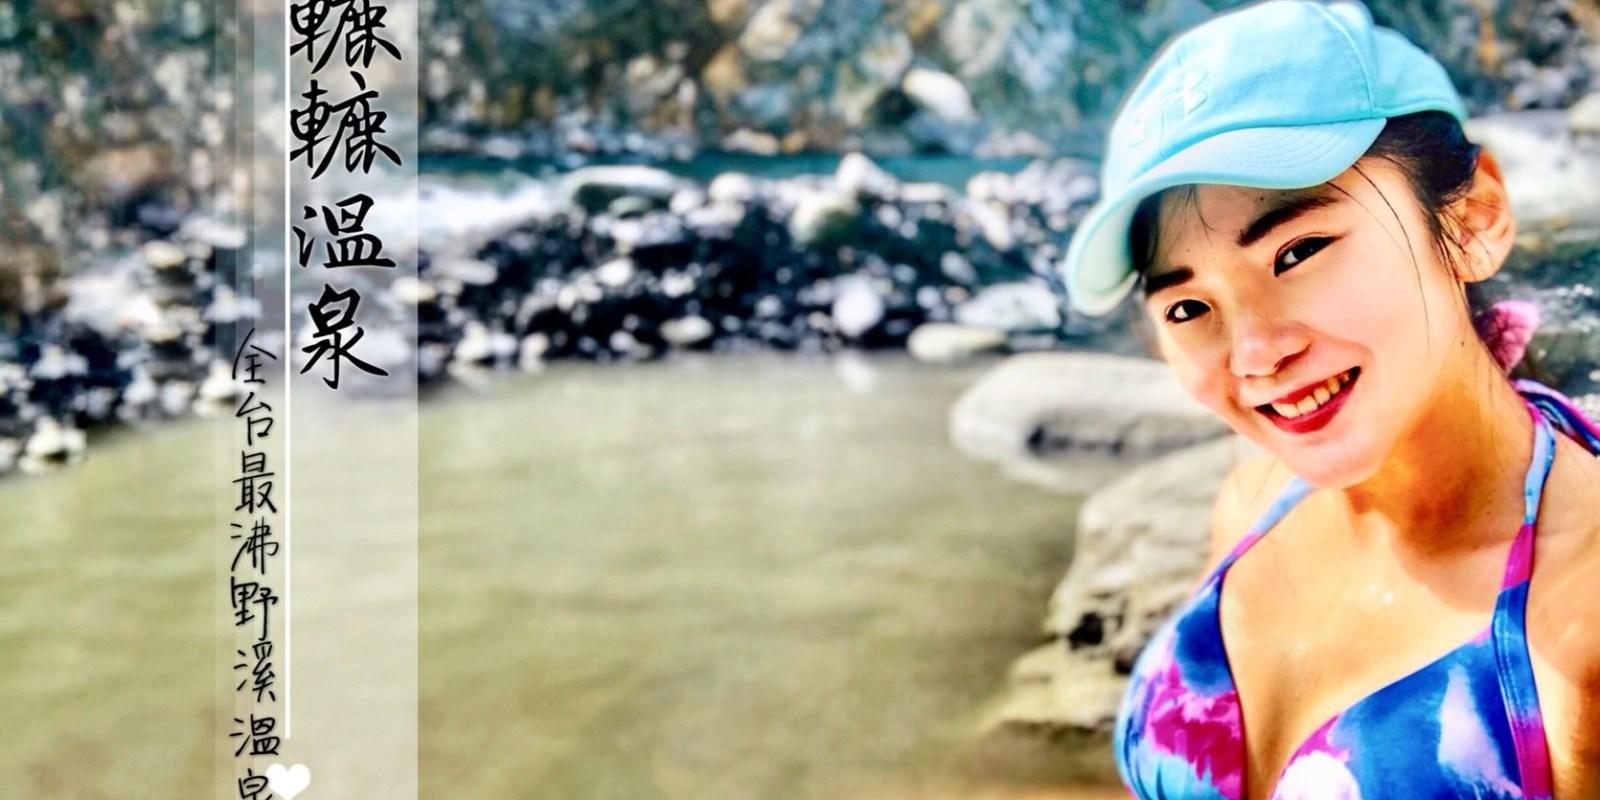 轆轆溫泉—台東秘境景點,全台最搖滾野溪溫泉野營,含交通/停車/路況/入山證資訊